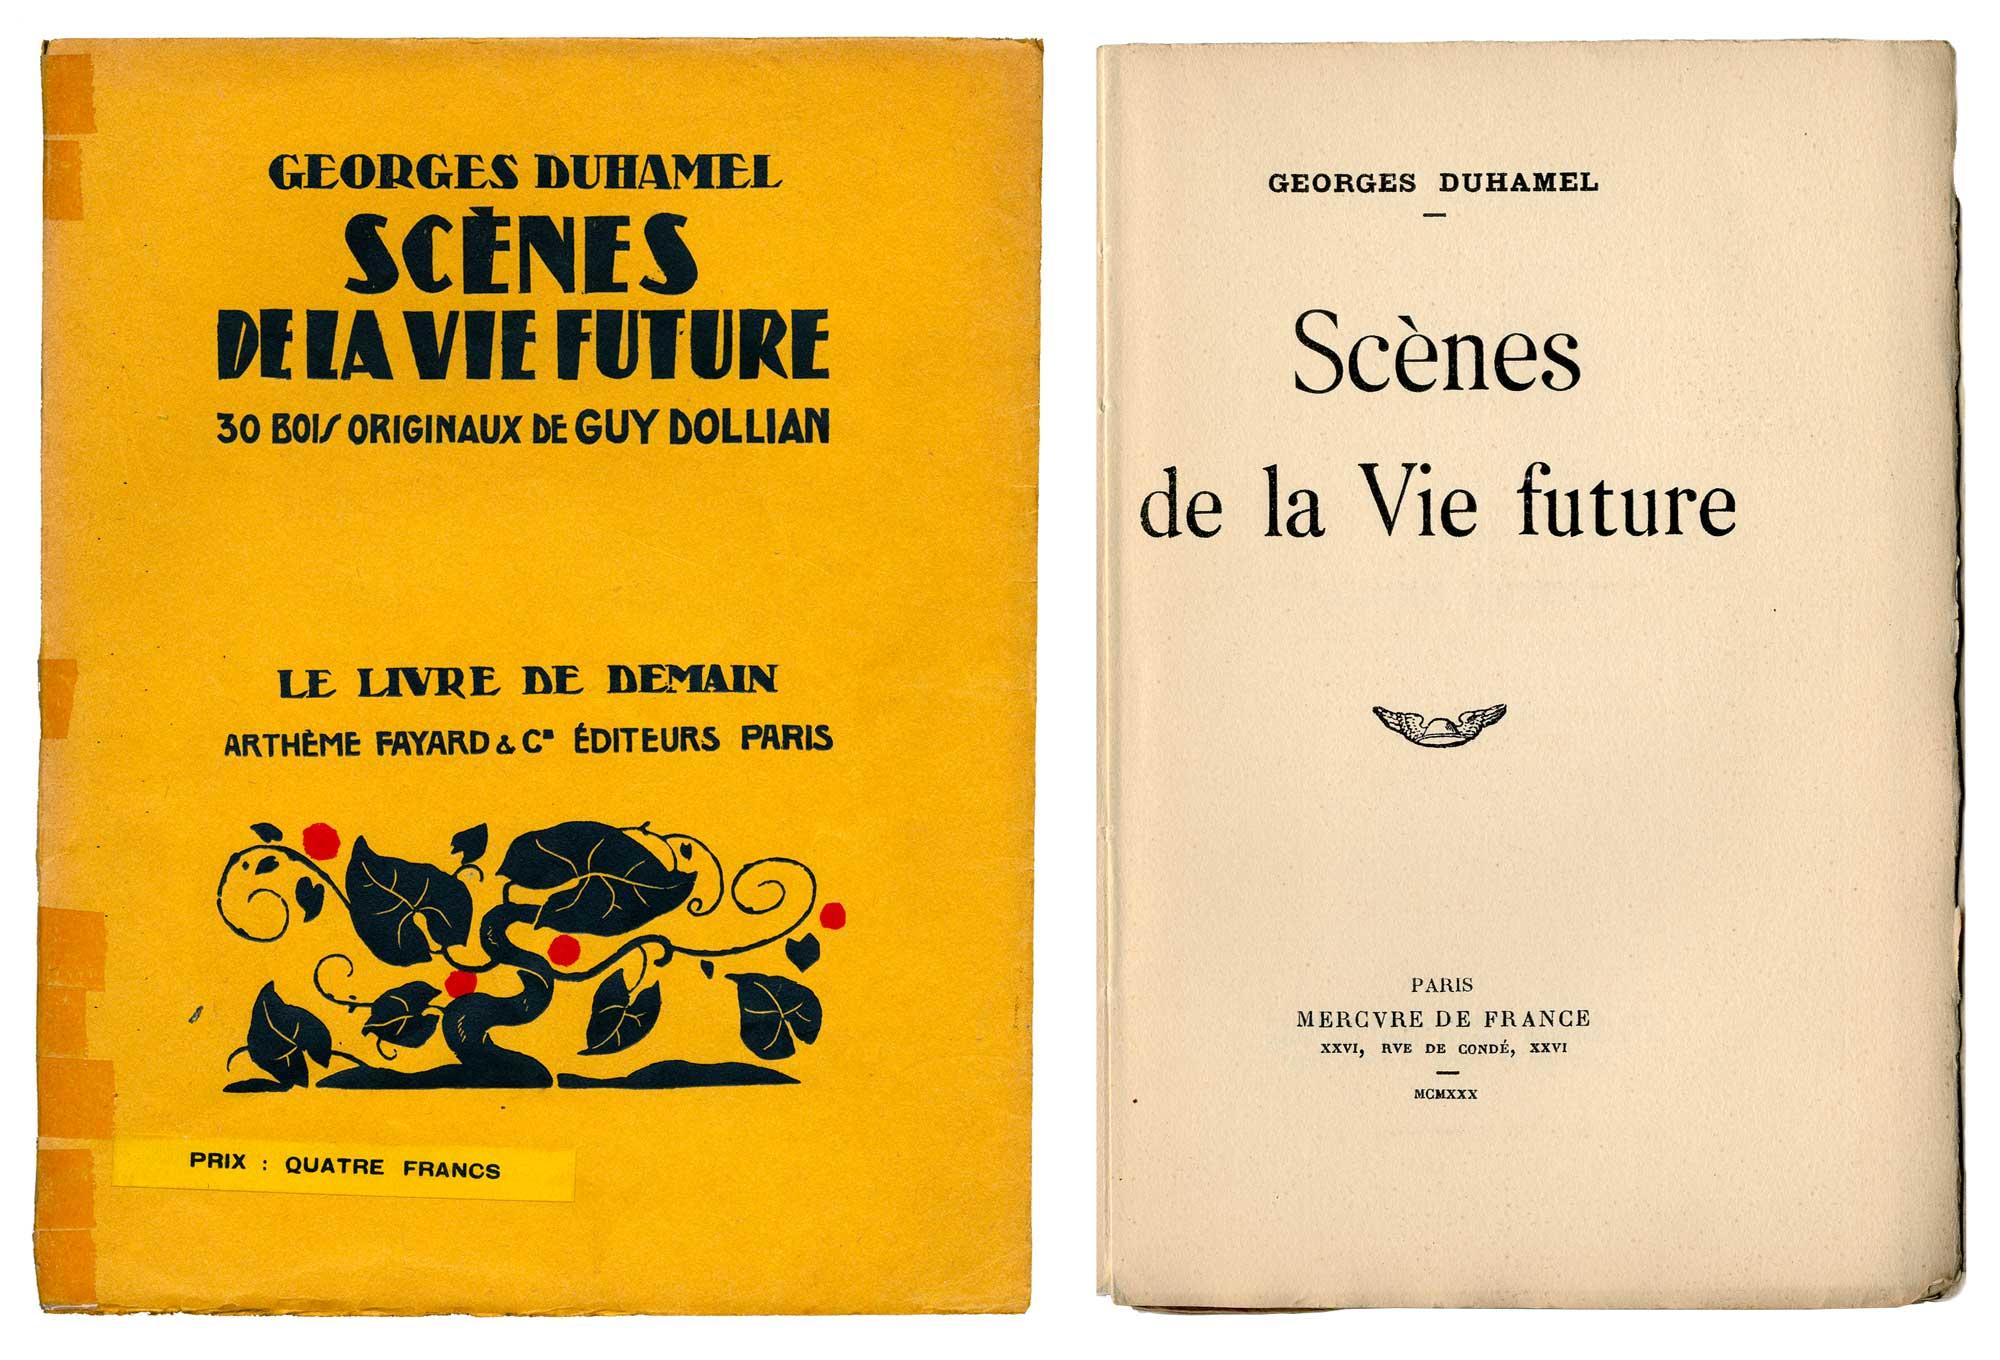 Tintin - Les Aventures de Tintin - Georges Duhamel - Scènes de la vie Future